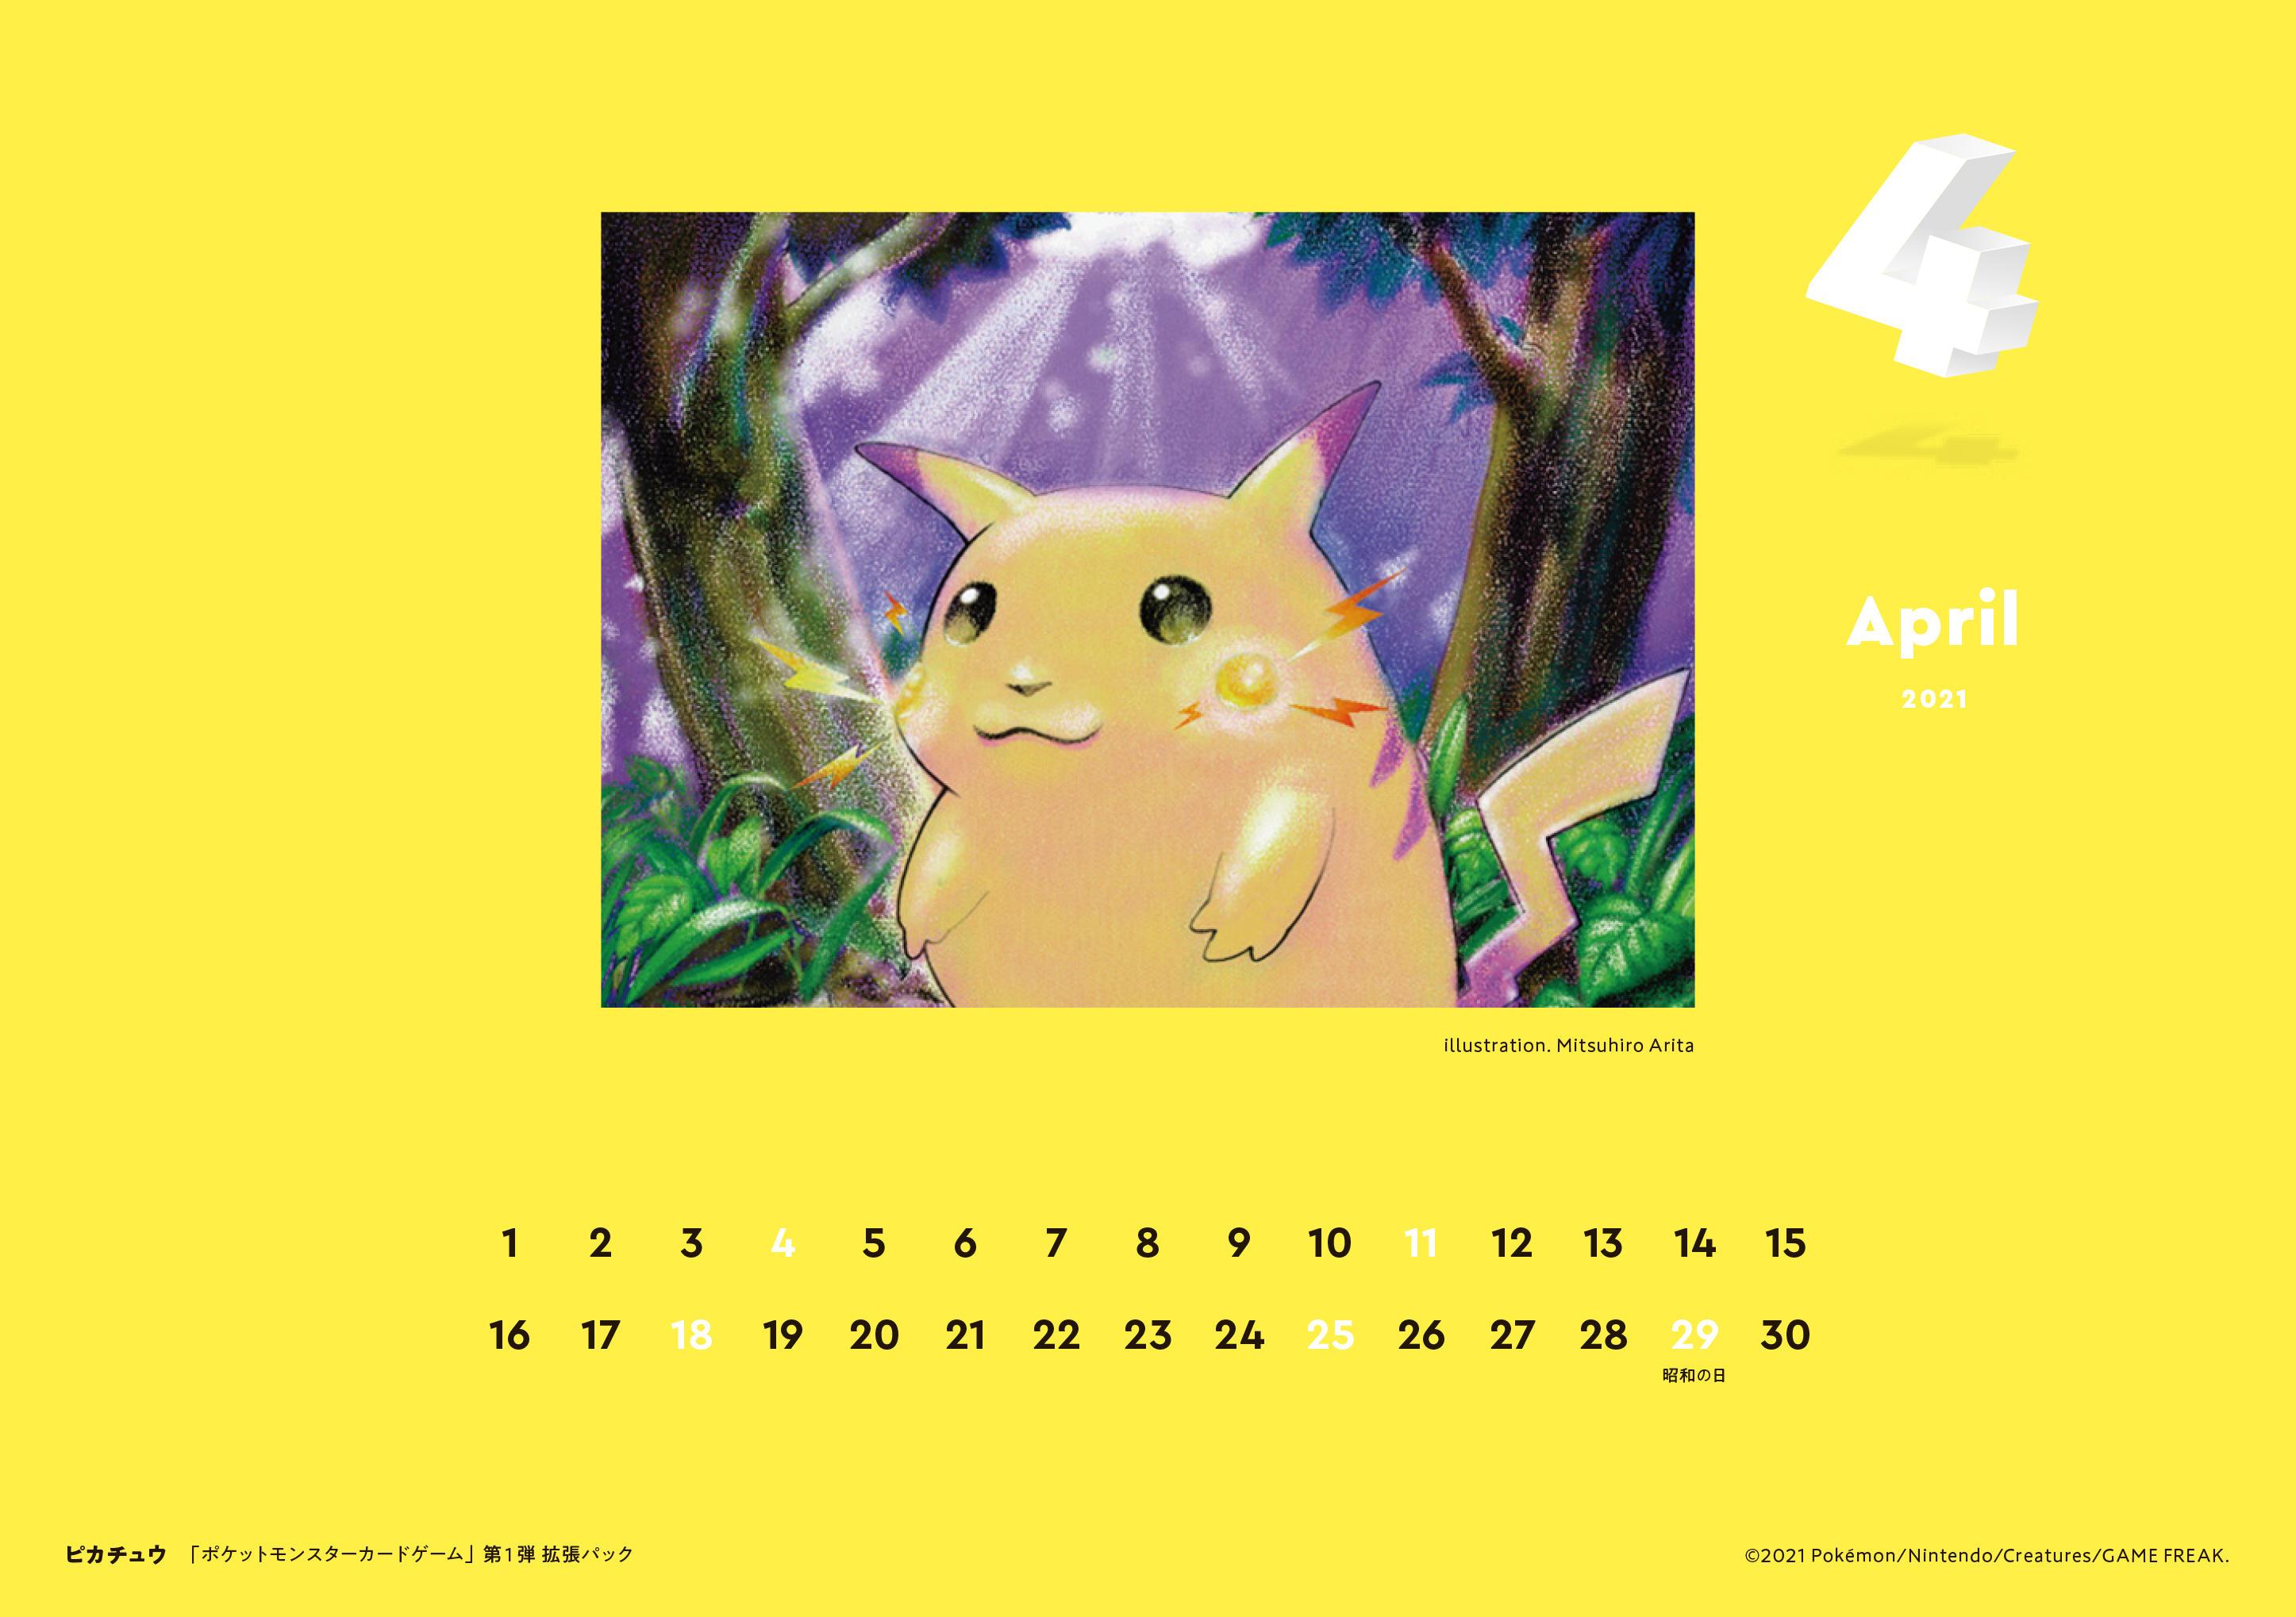 カレンダー 2021 ポケモン 『ポケモン』イーブイとピカチュウが暦を告げる!万年カレンダーをセガプライズでゲットしよう!